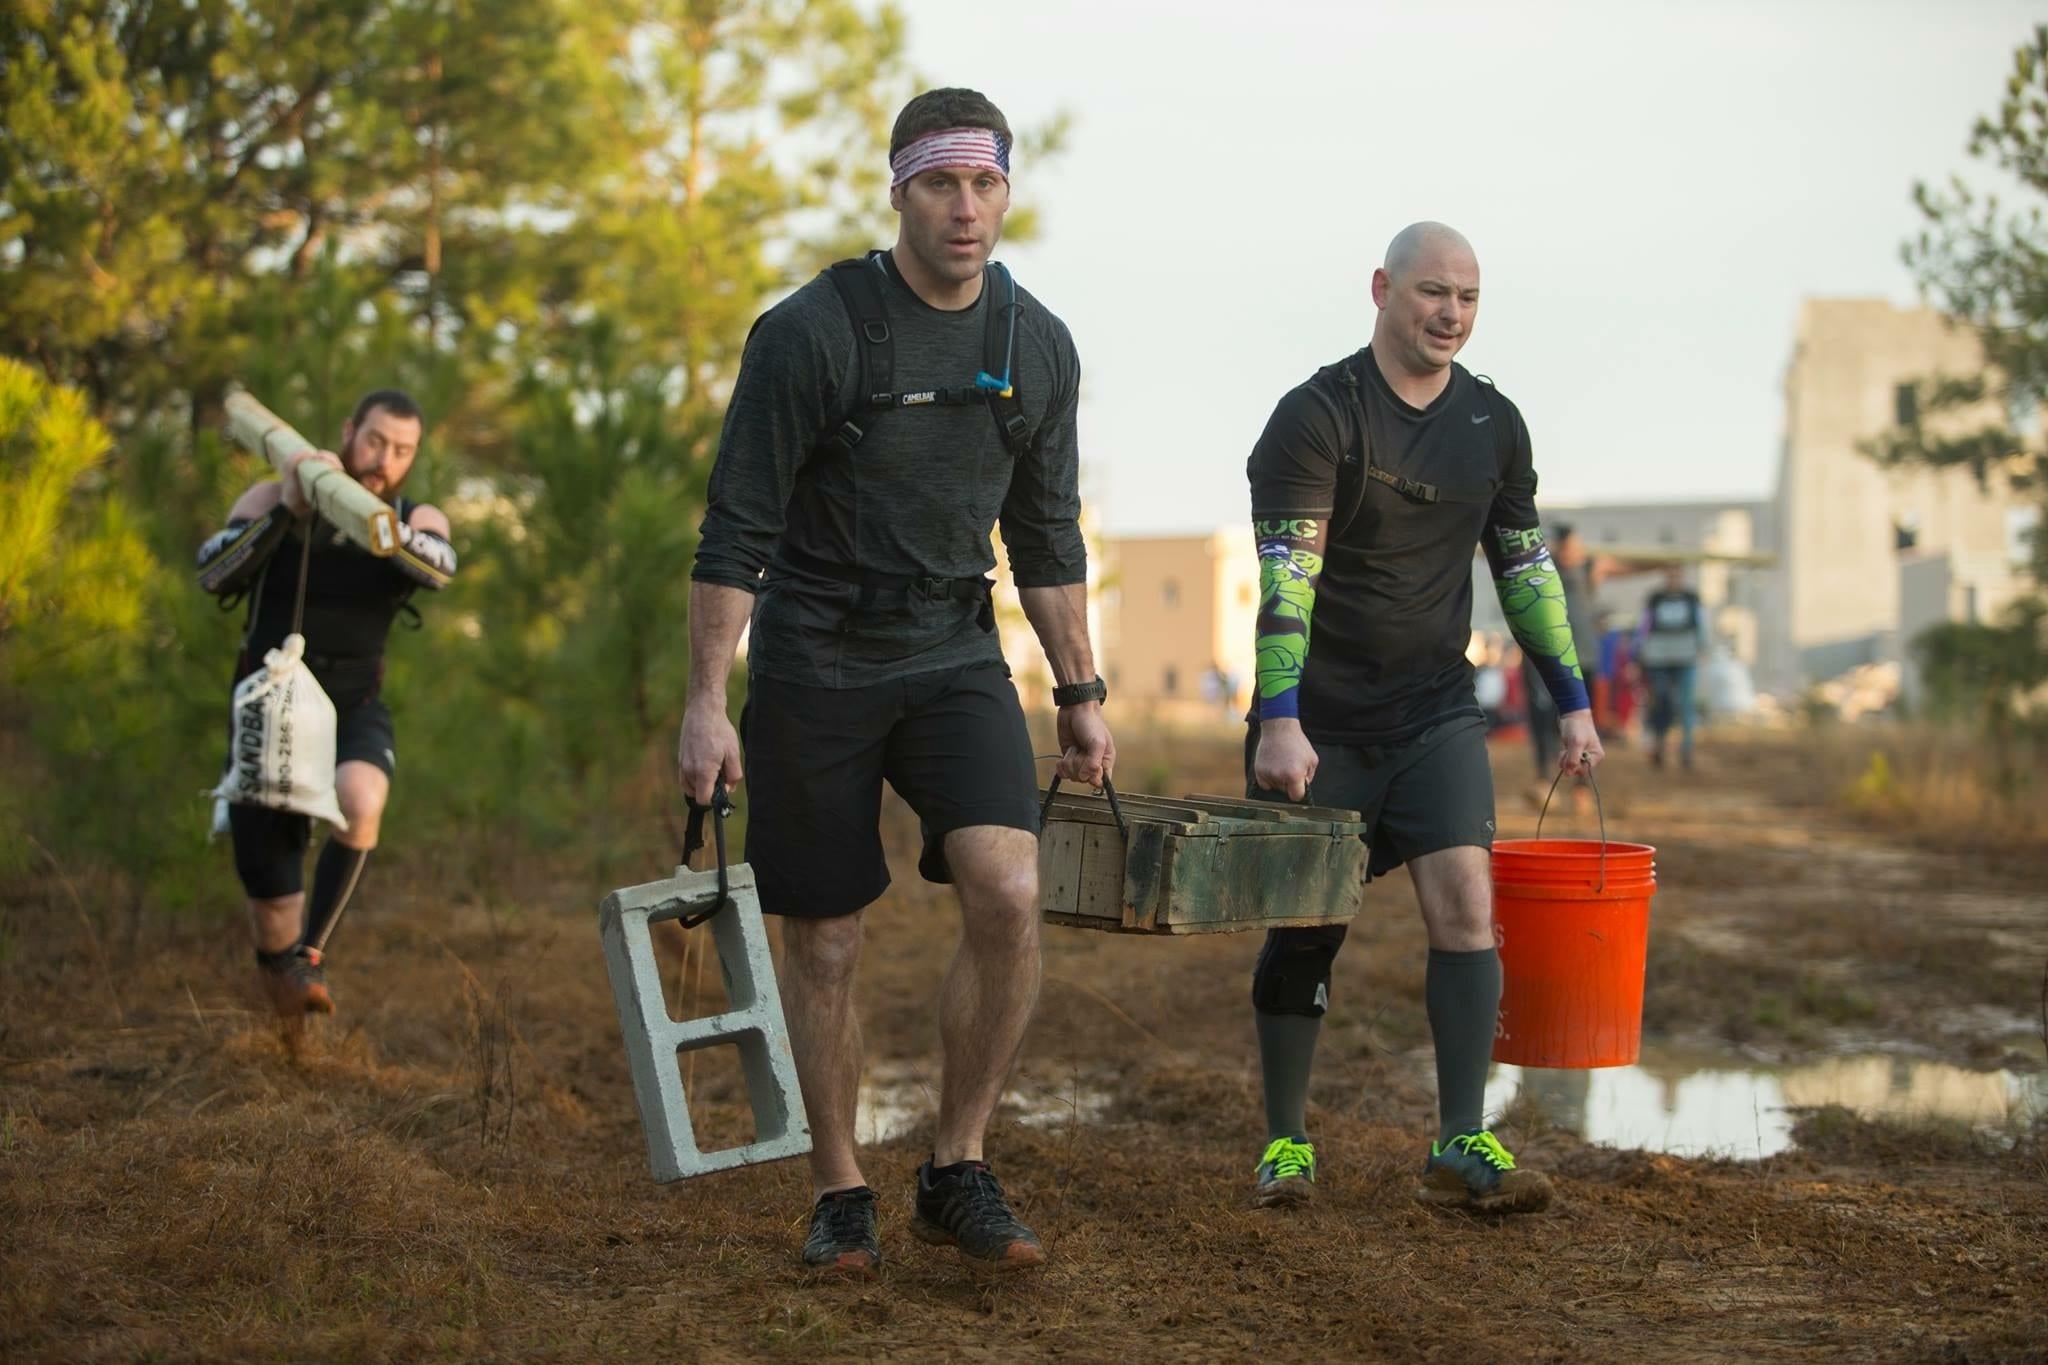 Green Beret Challenge challenge no. 1